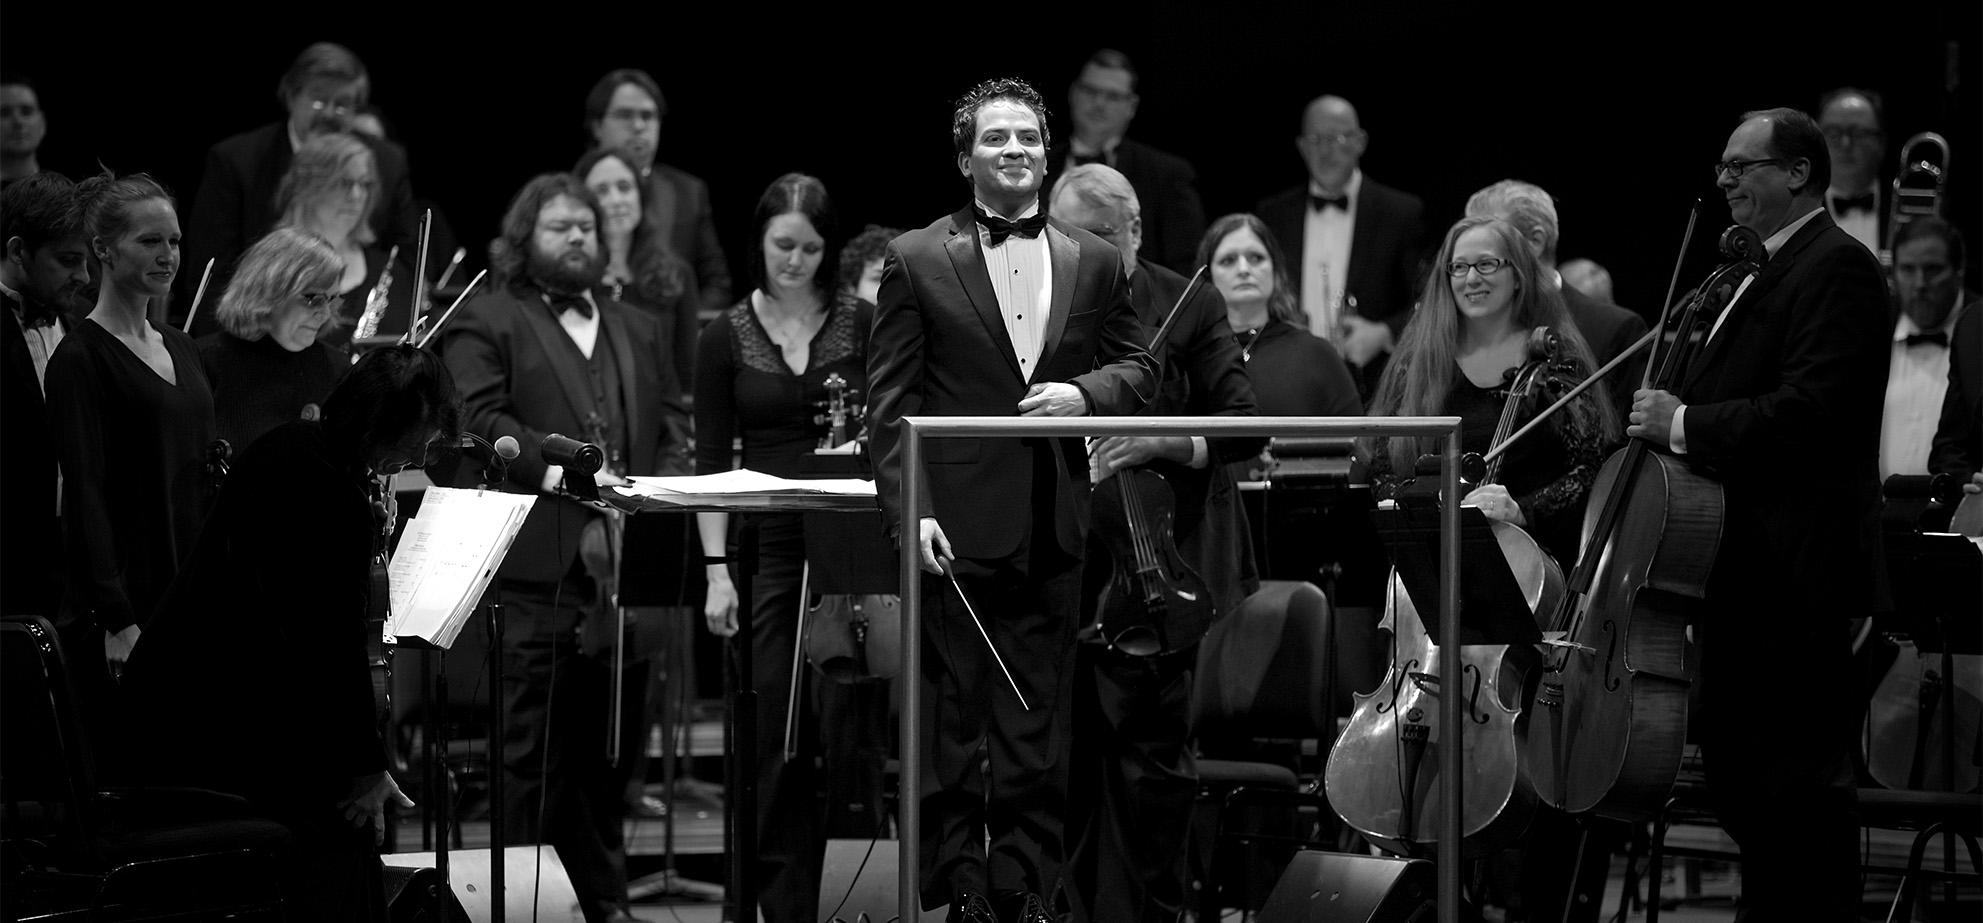 Andrés Franco and musicians